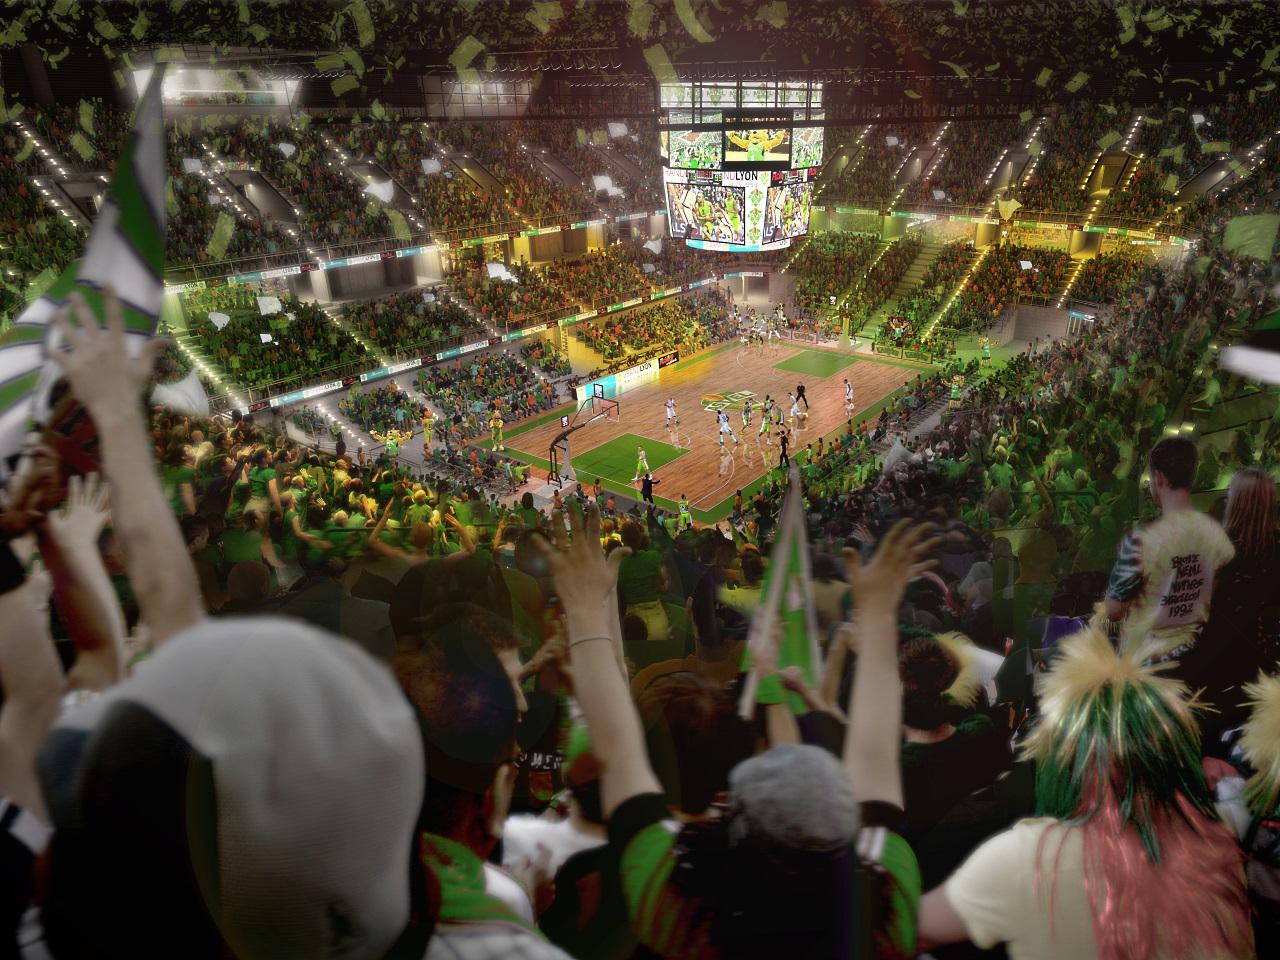 La salle aura une capacité de 10 500 spectacteurs, 12 000 pour les spectacles -DR